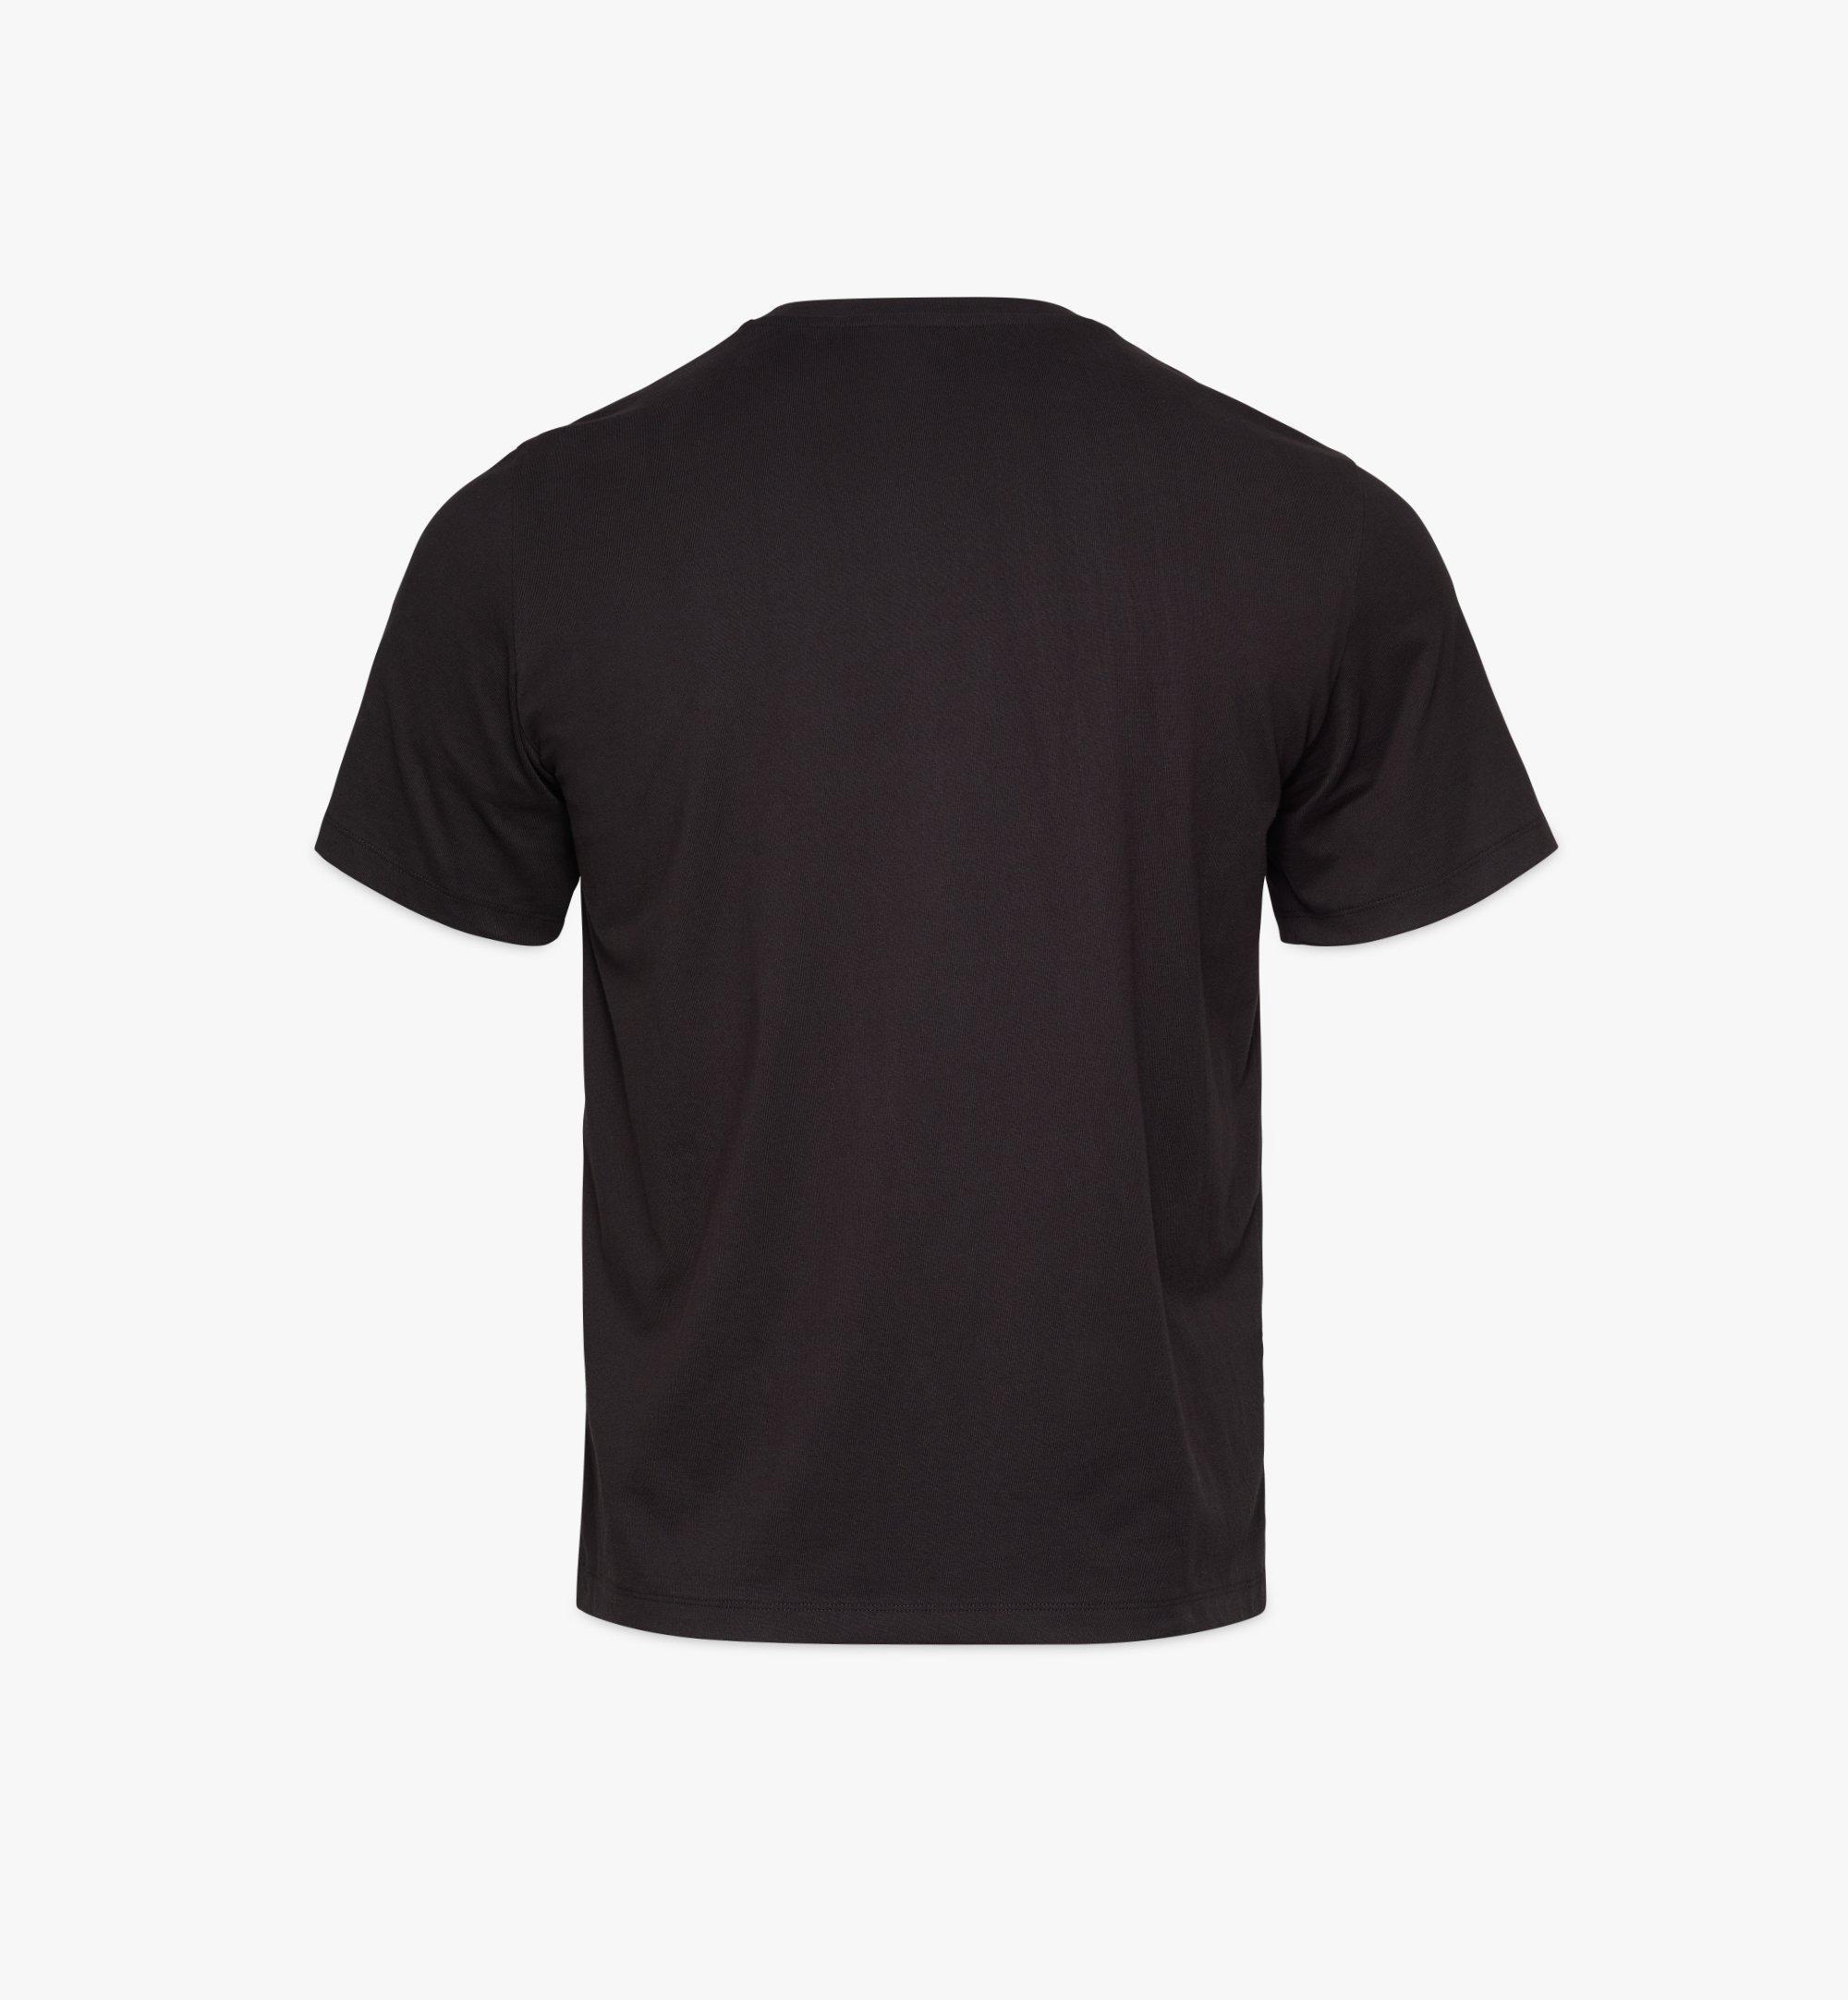 MCM T-shirt Geo Laurel pour homme Black MHTBSMM06BK00L Plus de photos 1